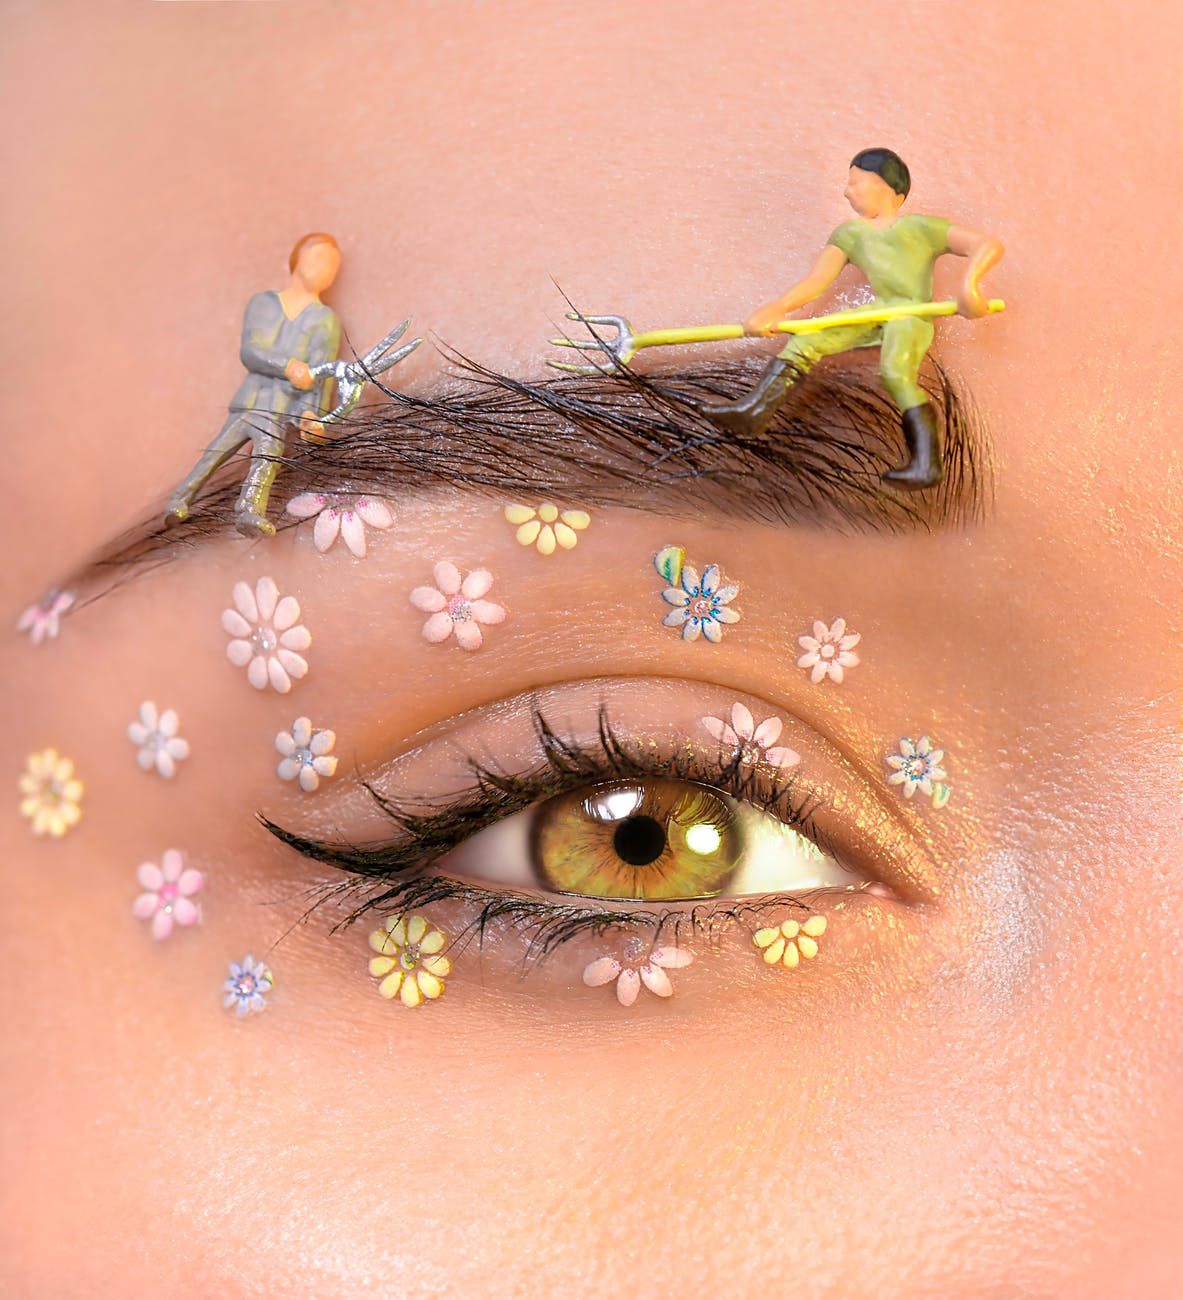 Trắc nghiệm-Mắt đính hoa.